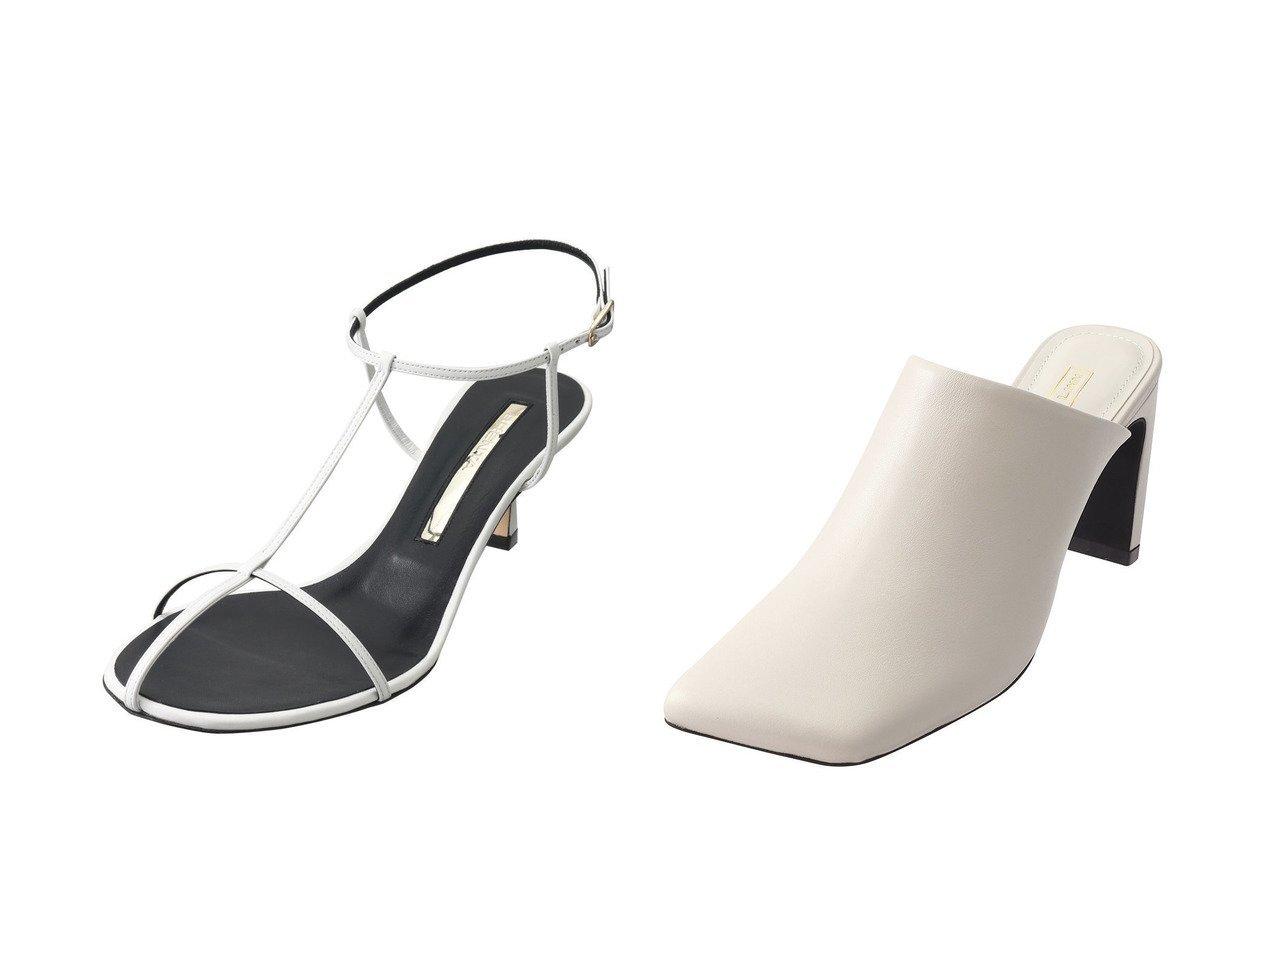 【Daniella & GEMMA/ダニエラ アンド ジェマ】のスクエアトゥセットバックヒールミュールサンダル&【BRENTA/ブレンタ】のスキニーストラップサンダル 【シューズ・靴】おすすめ!人気、トレンド・レディースファッションの通販 おすすめで人気の流行・トレンド、ファッションの通販商品 メンズファッション・キッズファッション・インテリア・家具・レディースファッション・服の通販 founy(ファニー) https://founy.com/ ファッション Fashion レディースファッション WOMEN バッグ Bag 2021年 2021 2021春夏・S/S SS/Spring/Summer/2021 S/S・春夏 SS・Spring/Summer なめらか サマー サンダル ヌーディ ラップ 春 Spring  ID:crp329100000028377